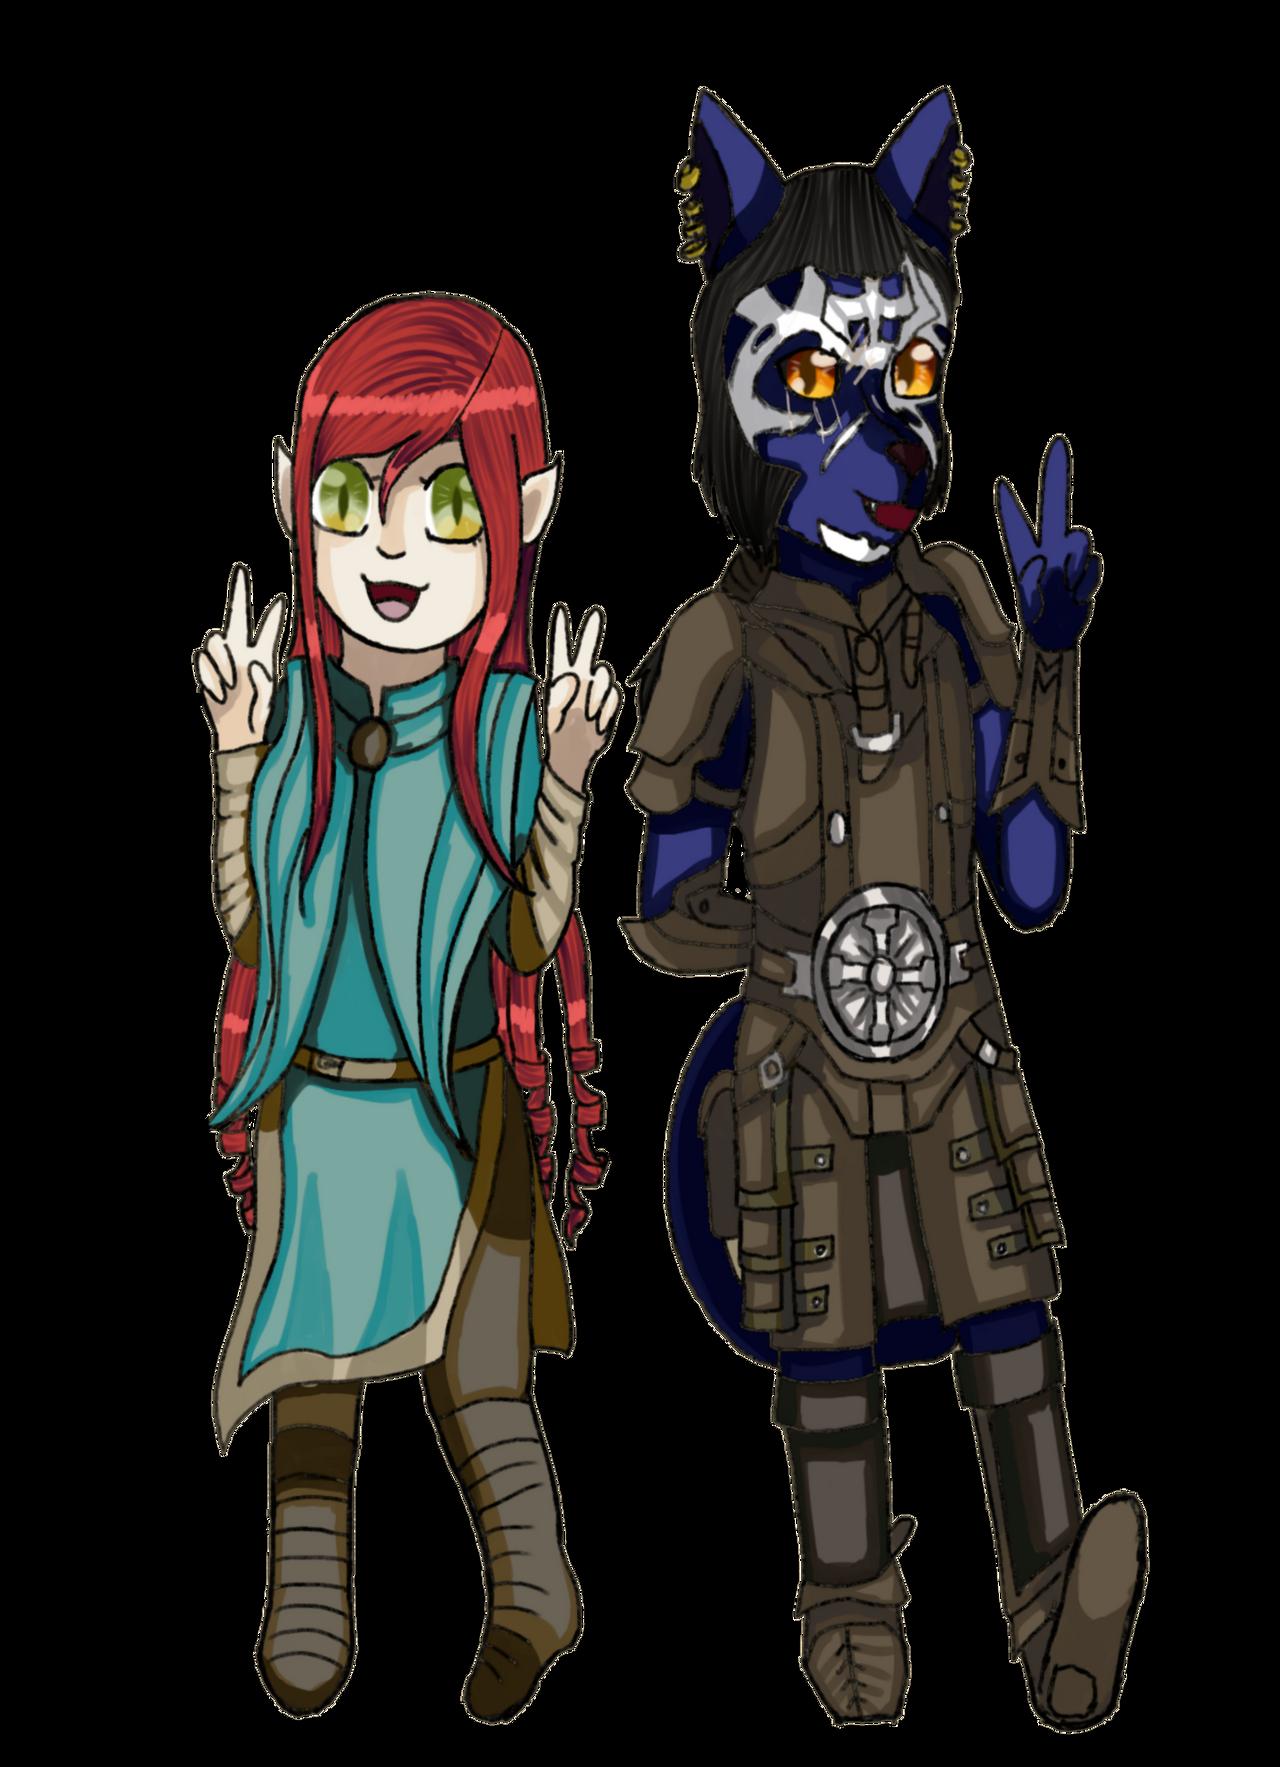 chibi Athena and Inigo